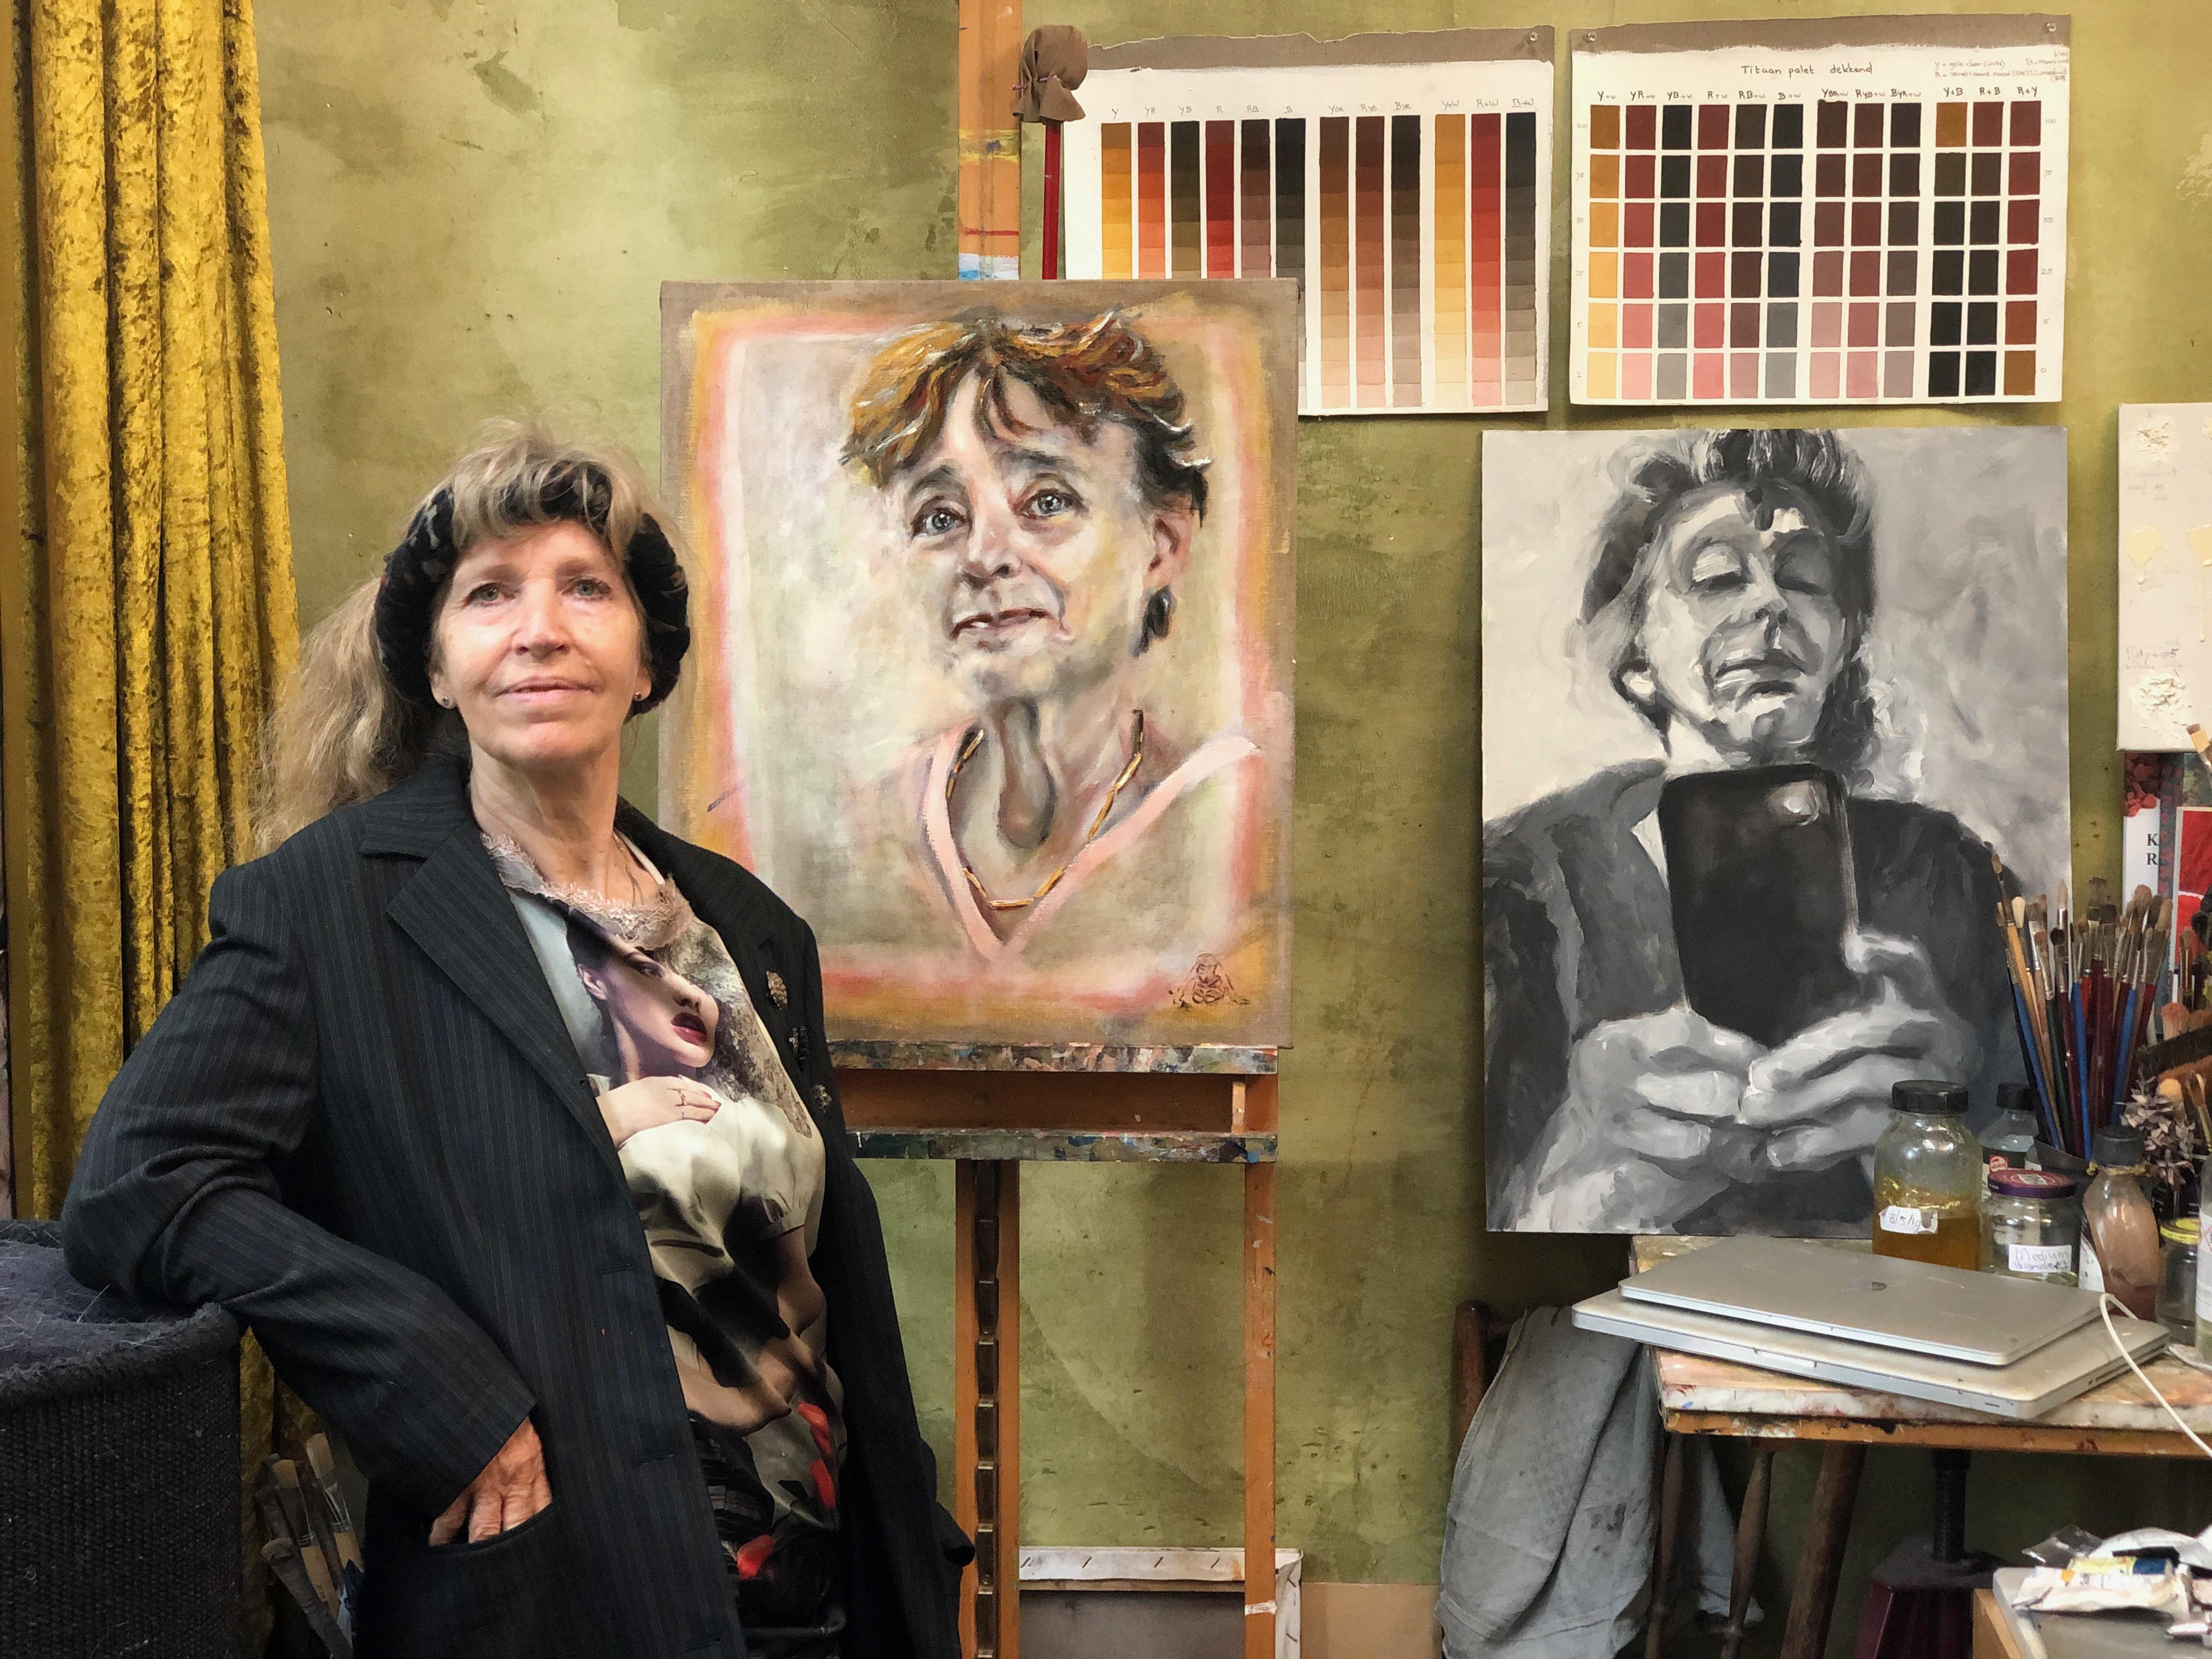 Haarlemse kunstenares schildert Clairy Polak voor tv-programma Sterren op het Doek. 'Ik ben apetrots op het portret'